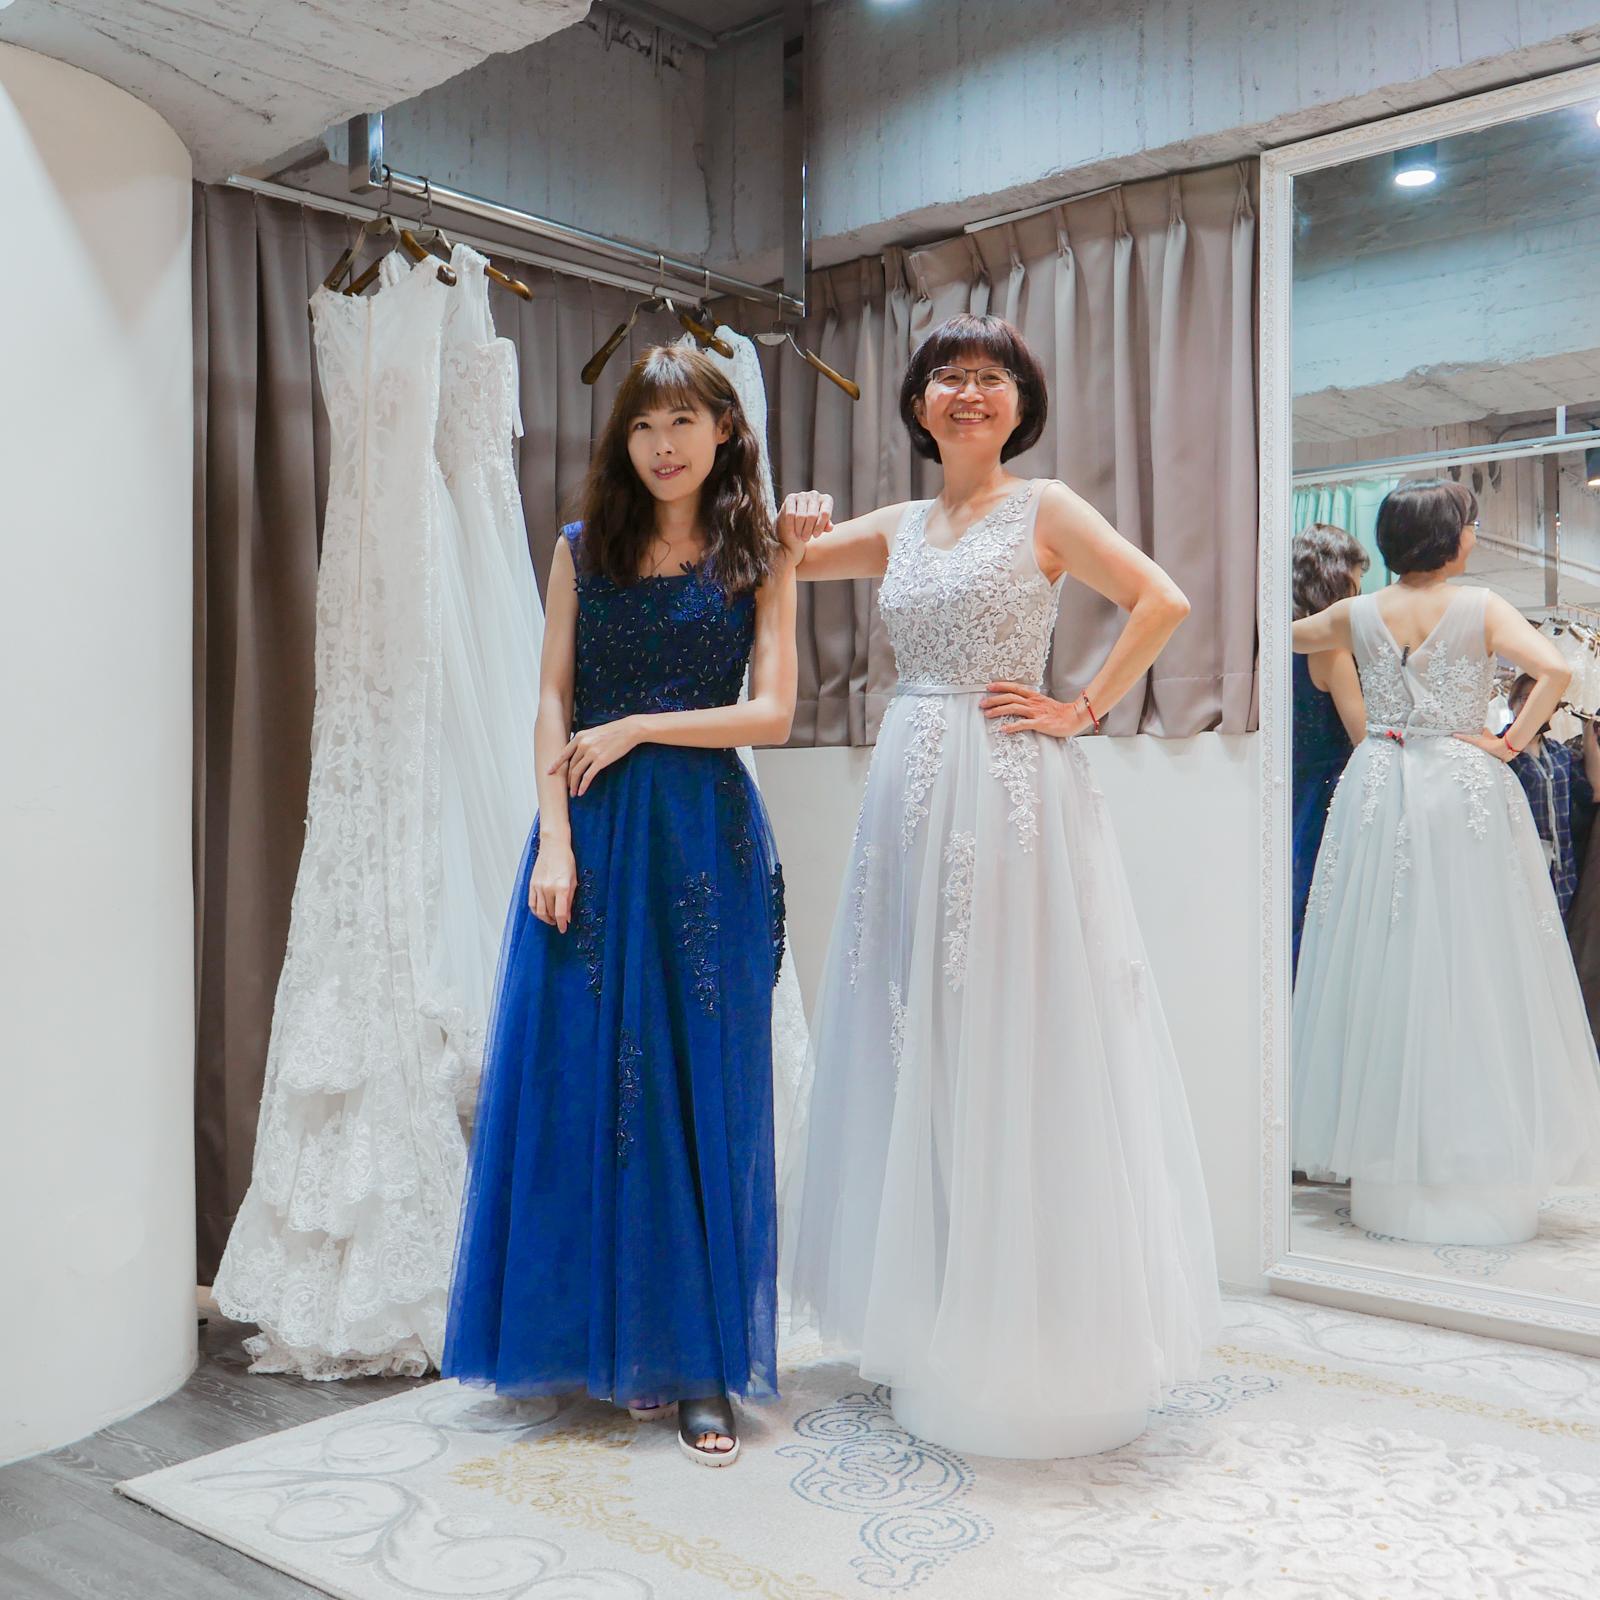 伊頓自助婚紗 超值婚紗照、閨蜜婚紗、全家福 台北西門店婚紗挑選紀錄